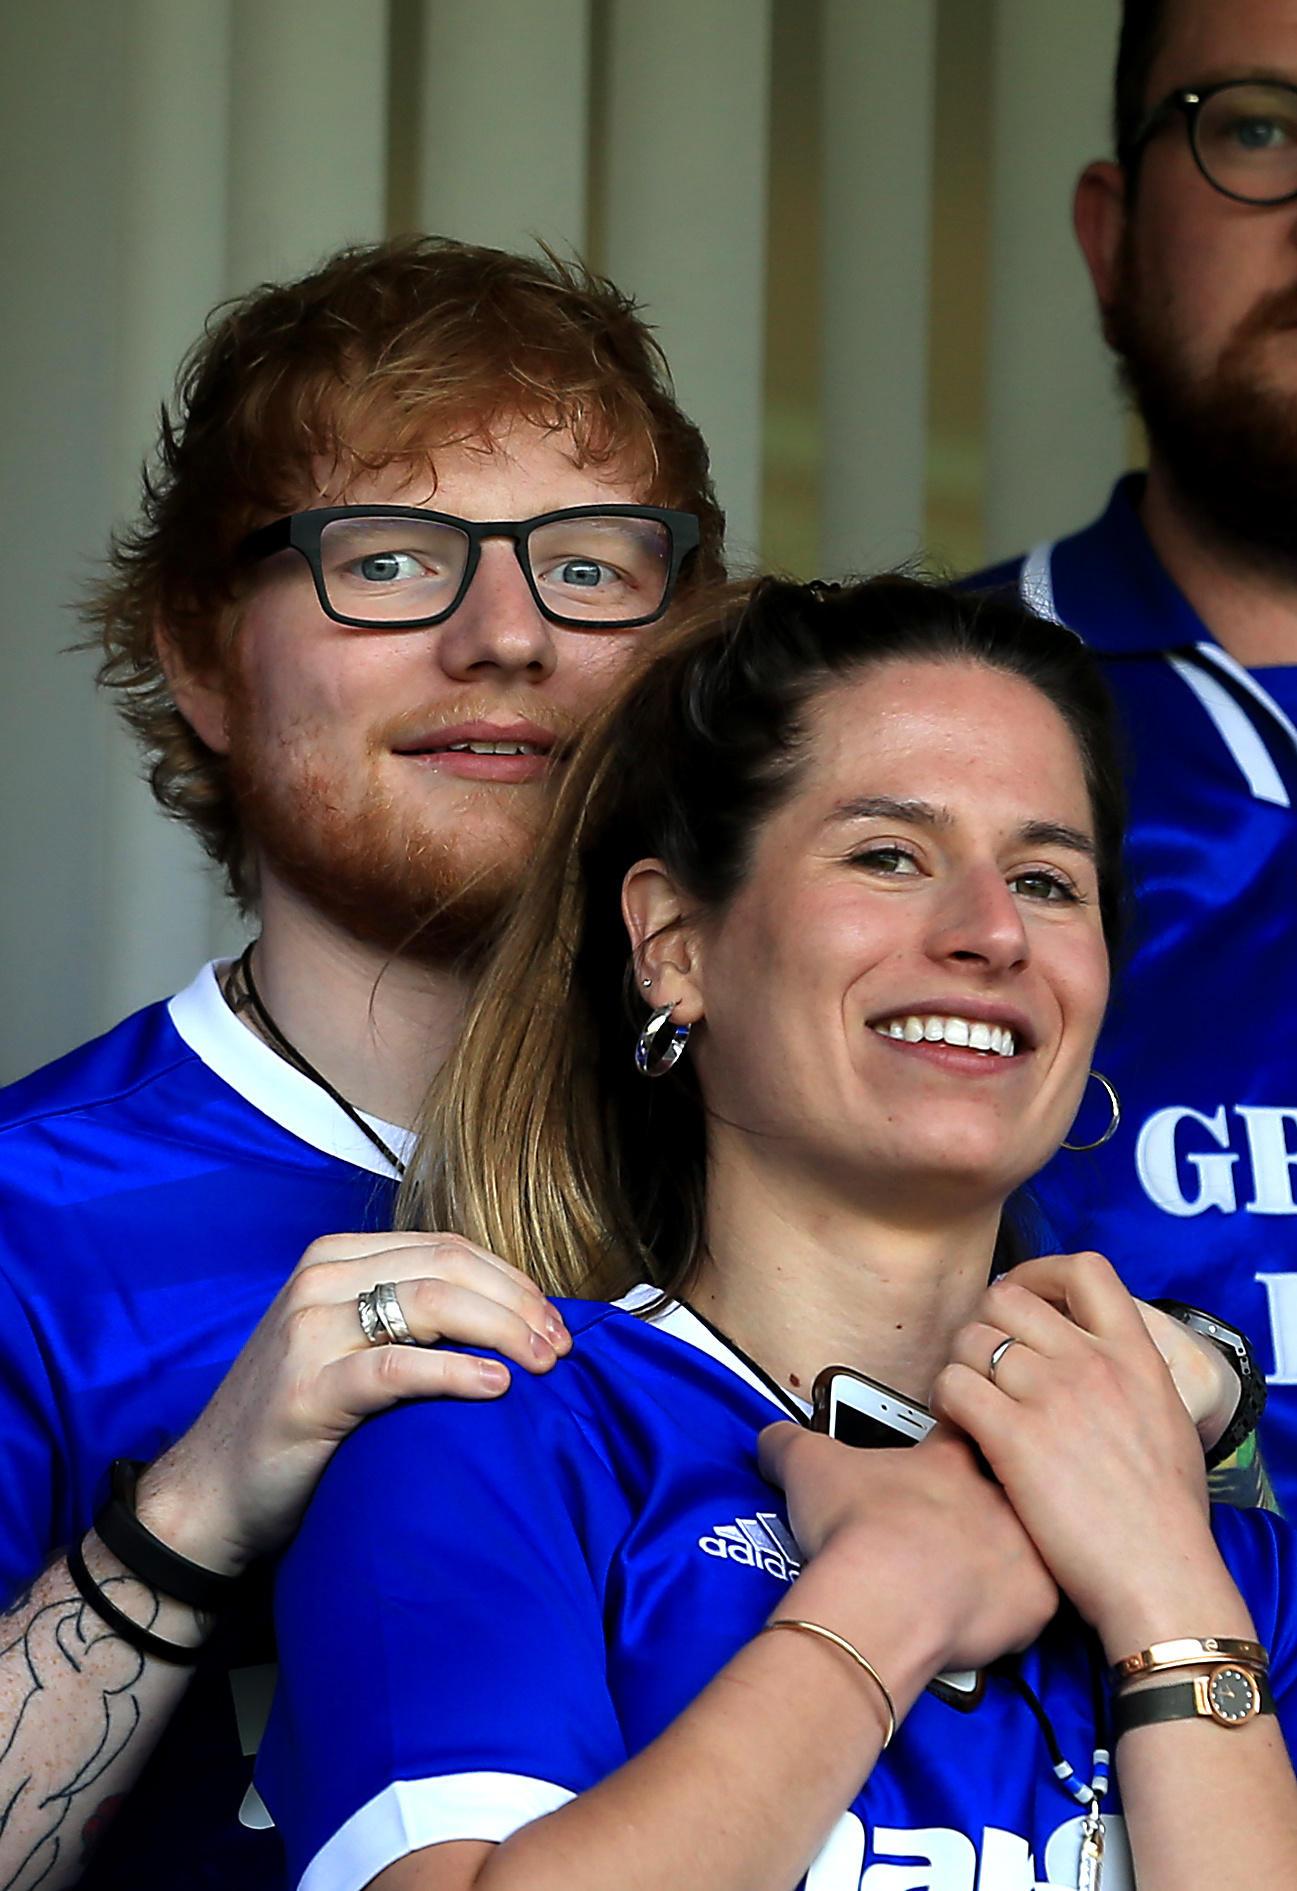 Sänger Ed Sheeran und seine Frau Cherry haben im Dezember heimlich geheiratet. Jetzt sollen sie nochmal eine große Hochzeitssause veranstaltet haben